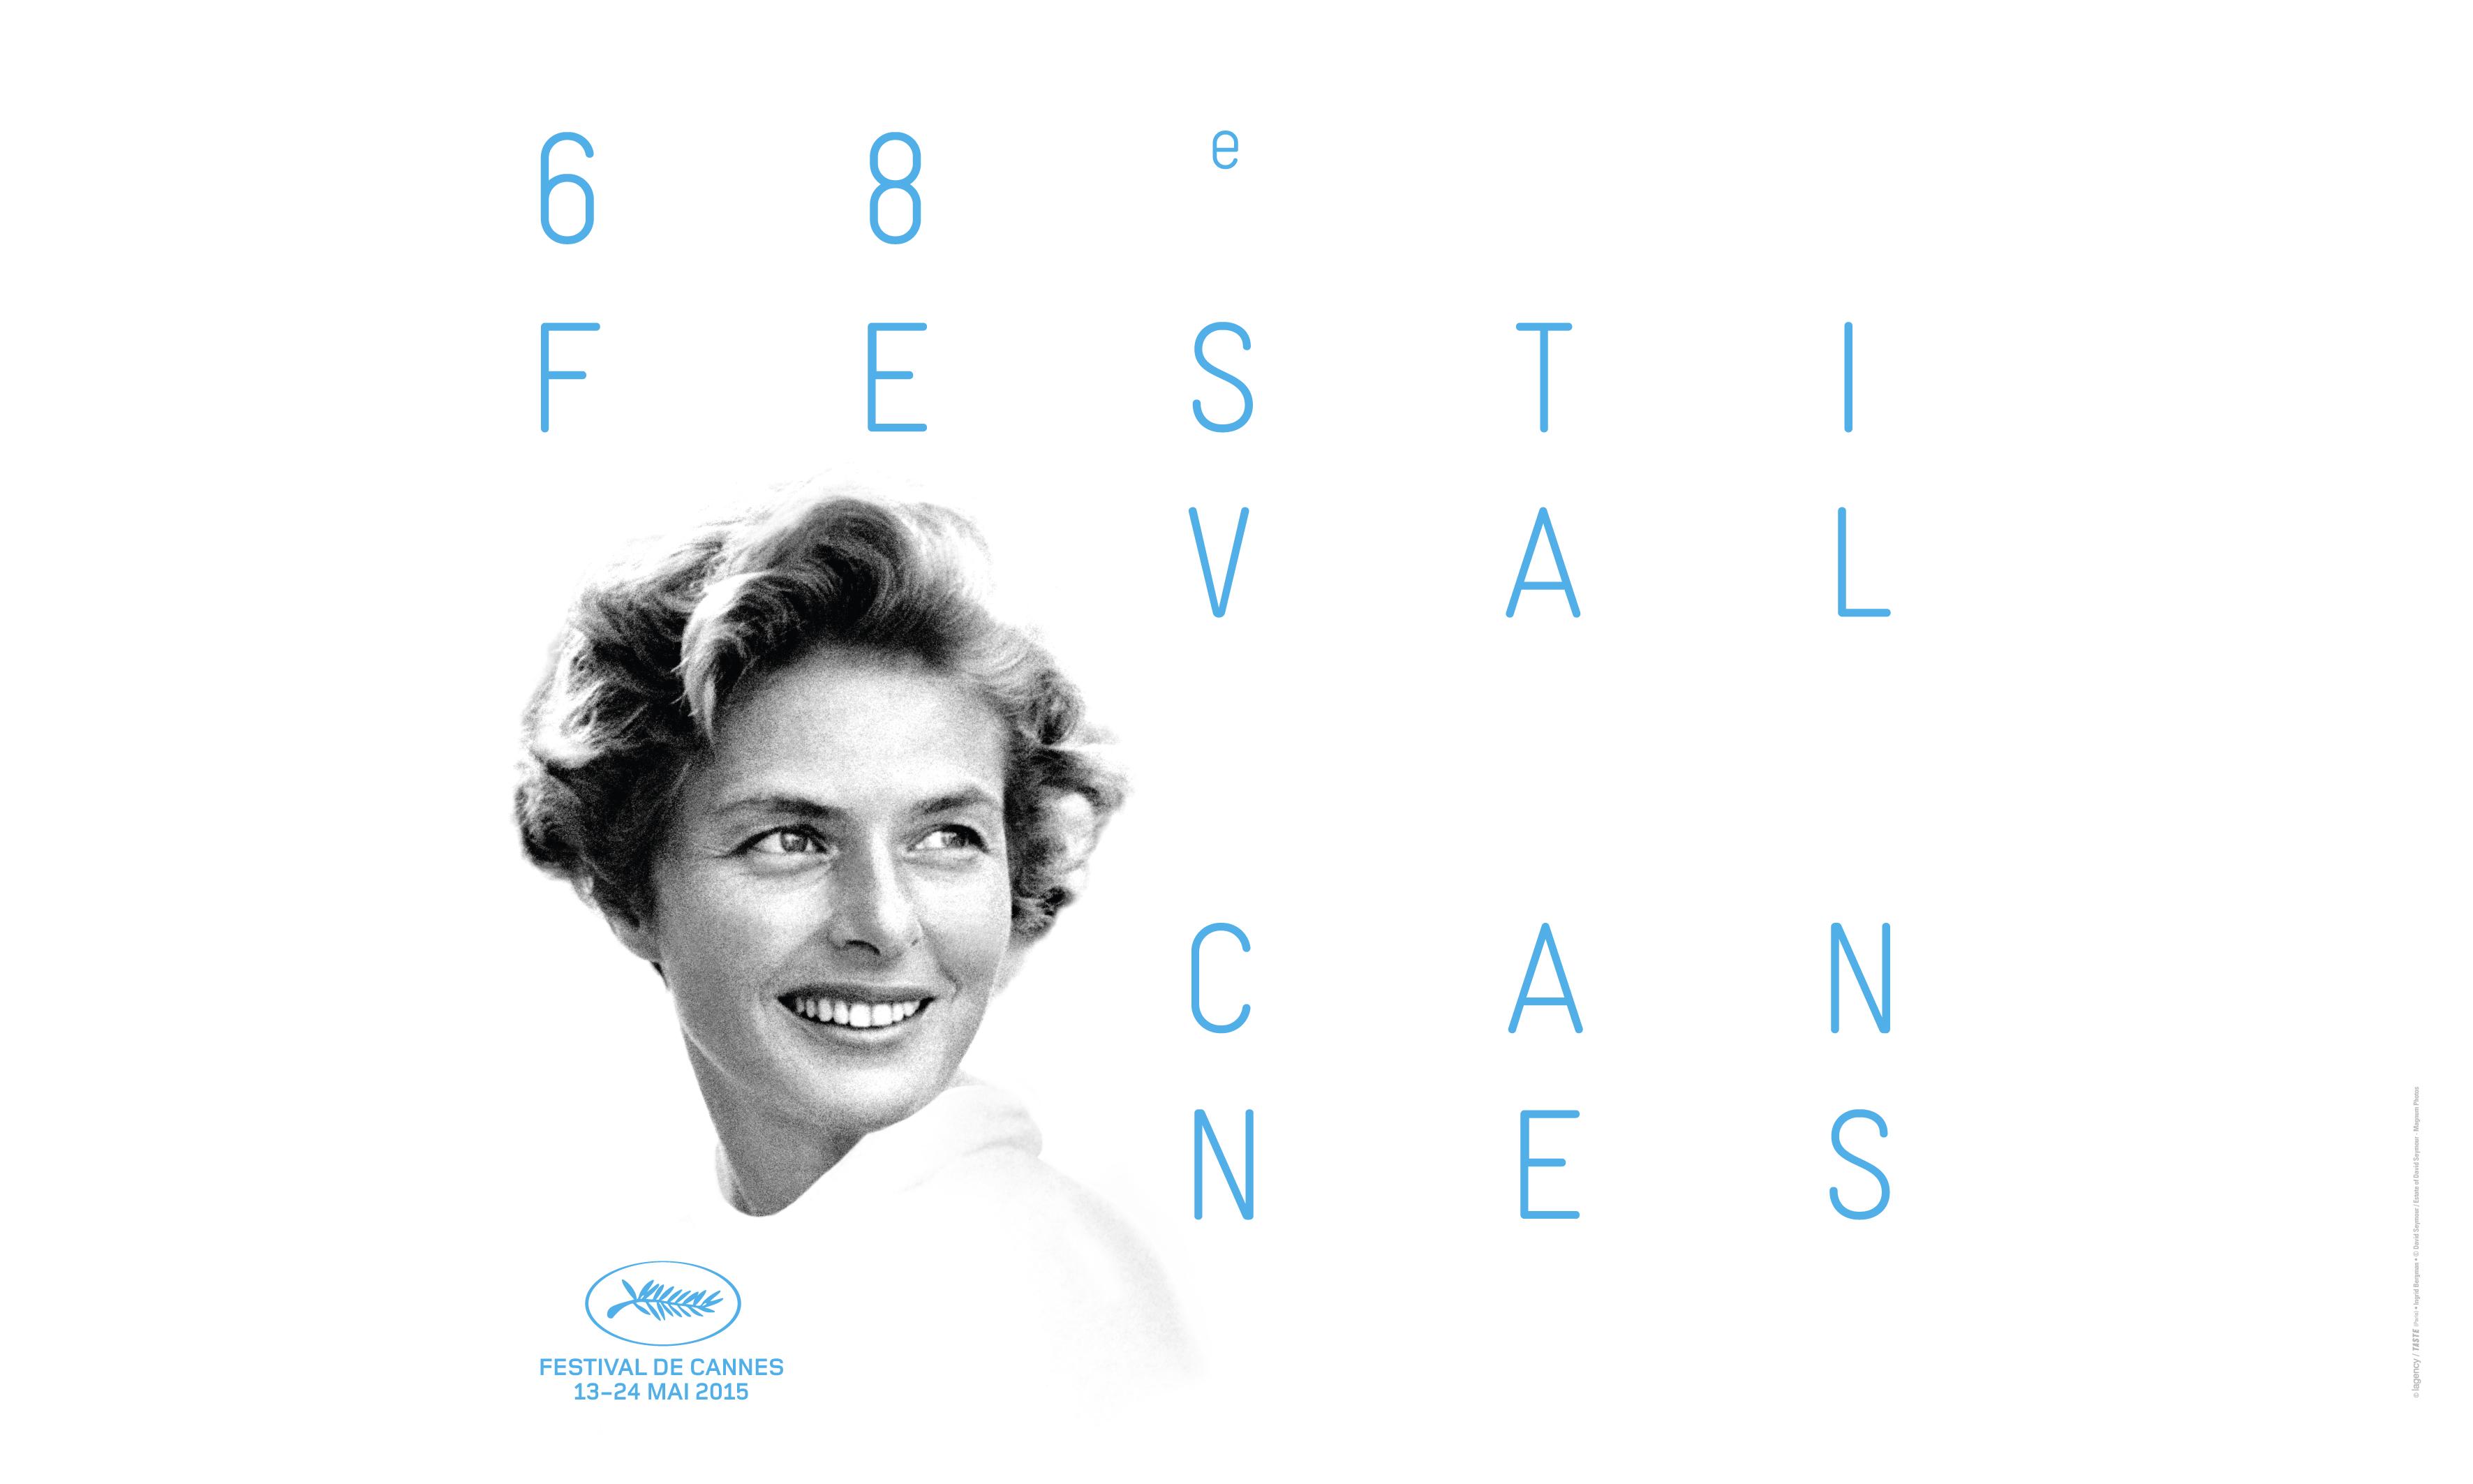 Festival de Cannes: il poster ufficiale che ritrae Ingrid Bergman